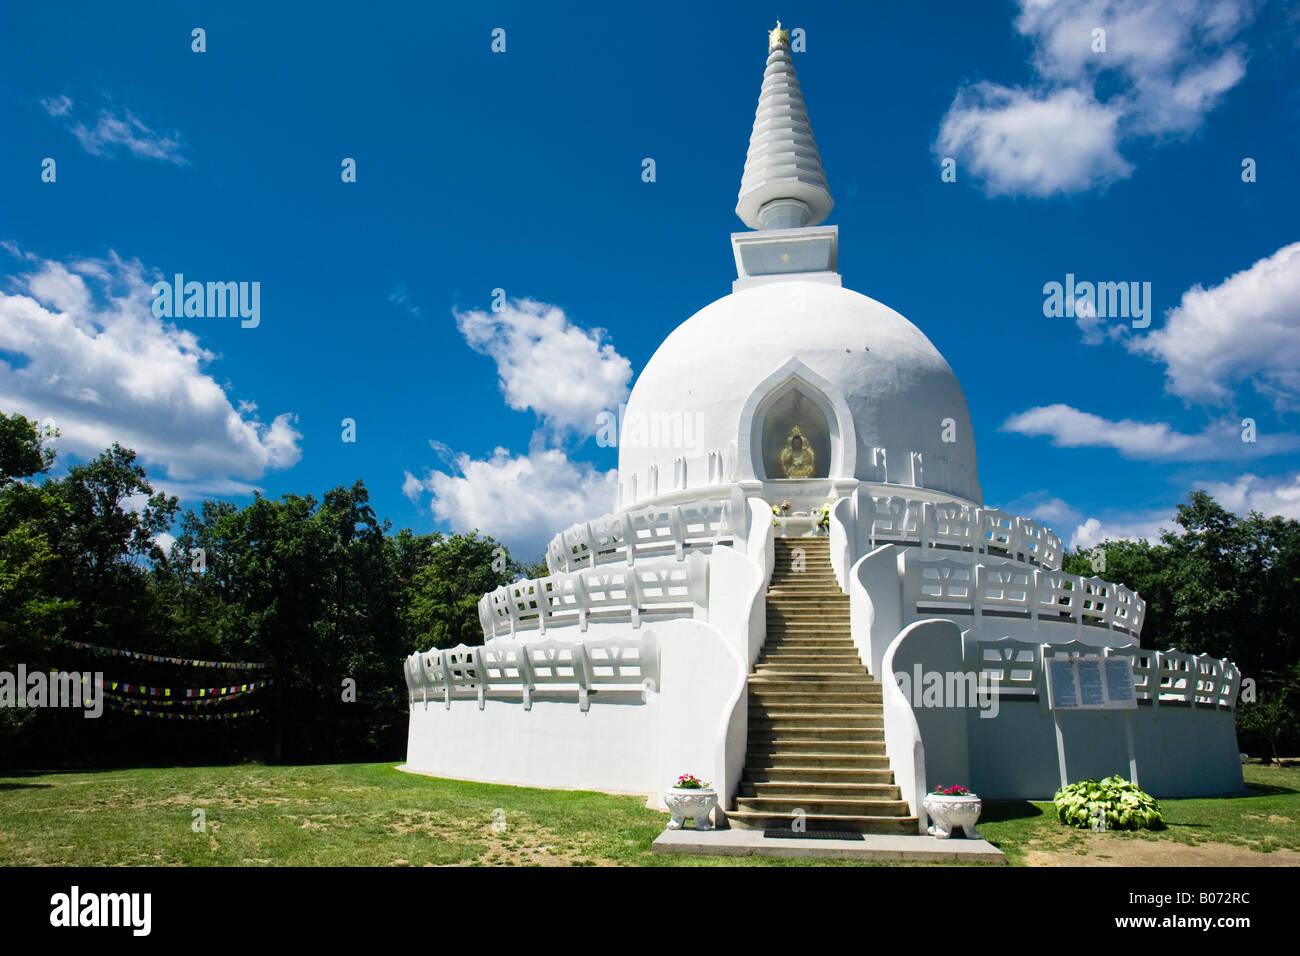 at a buddhist stupa not far from lake balaton hungary